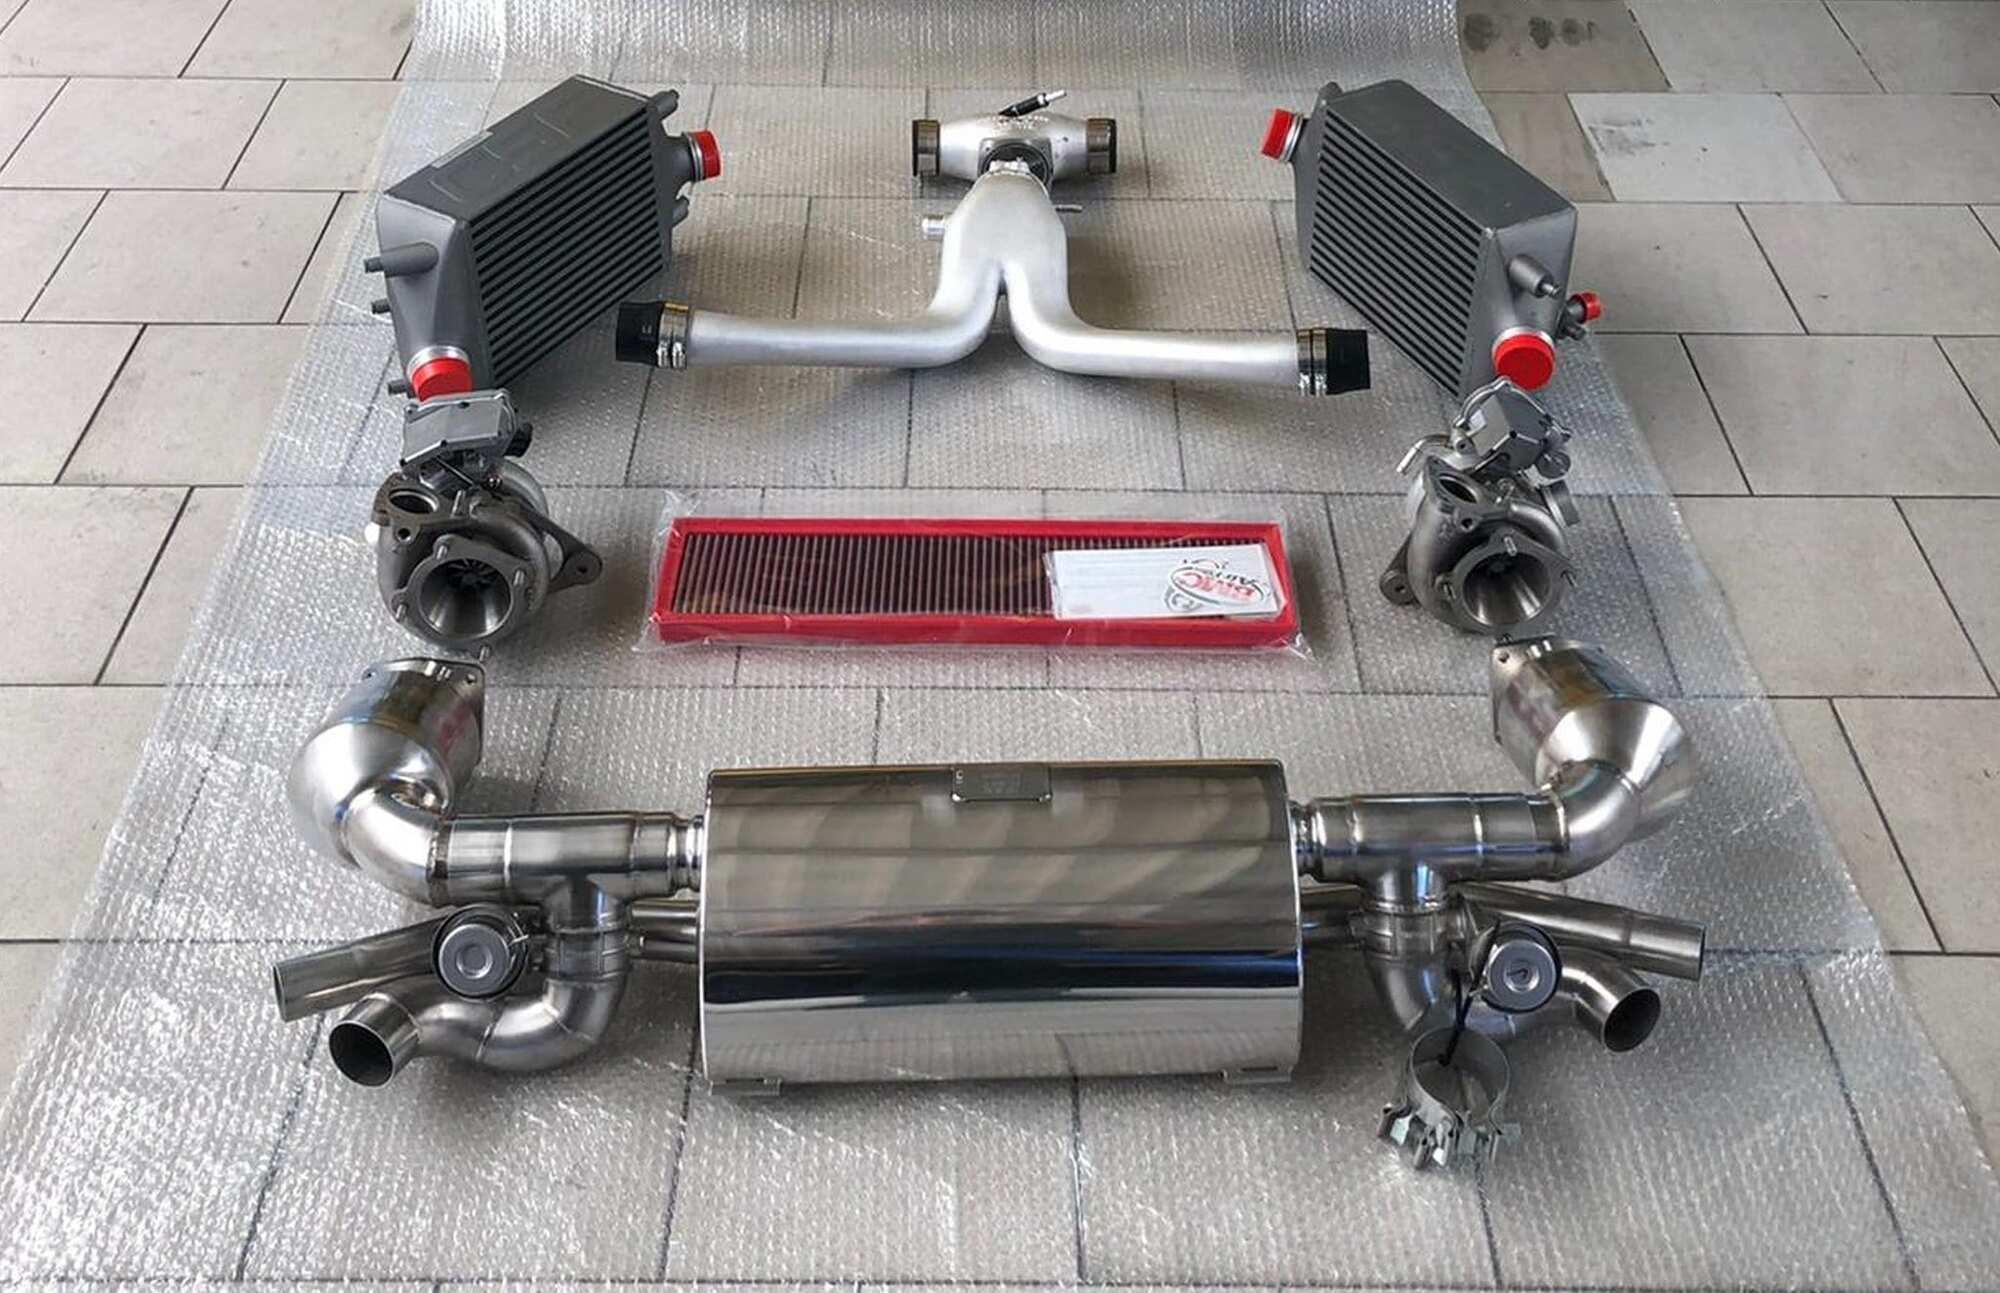 На Manhart TR850 установили новые выхлопную и впускную системы, а также более производительный интеркуллер. Фото: